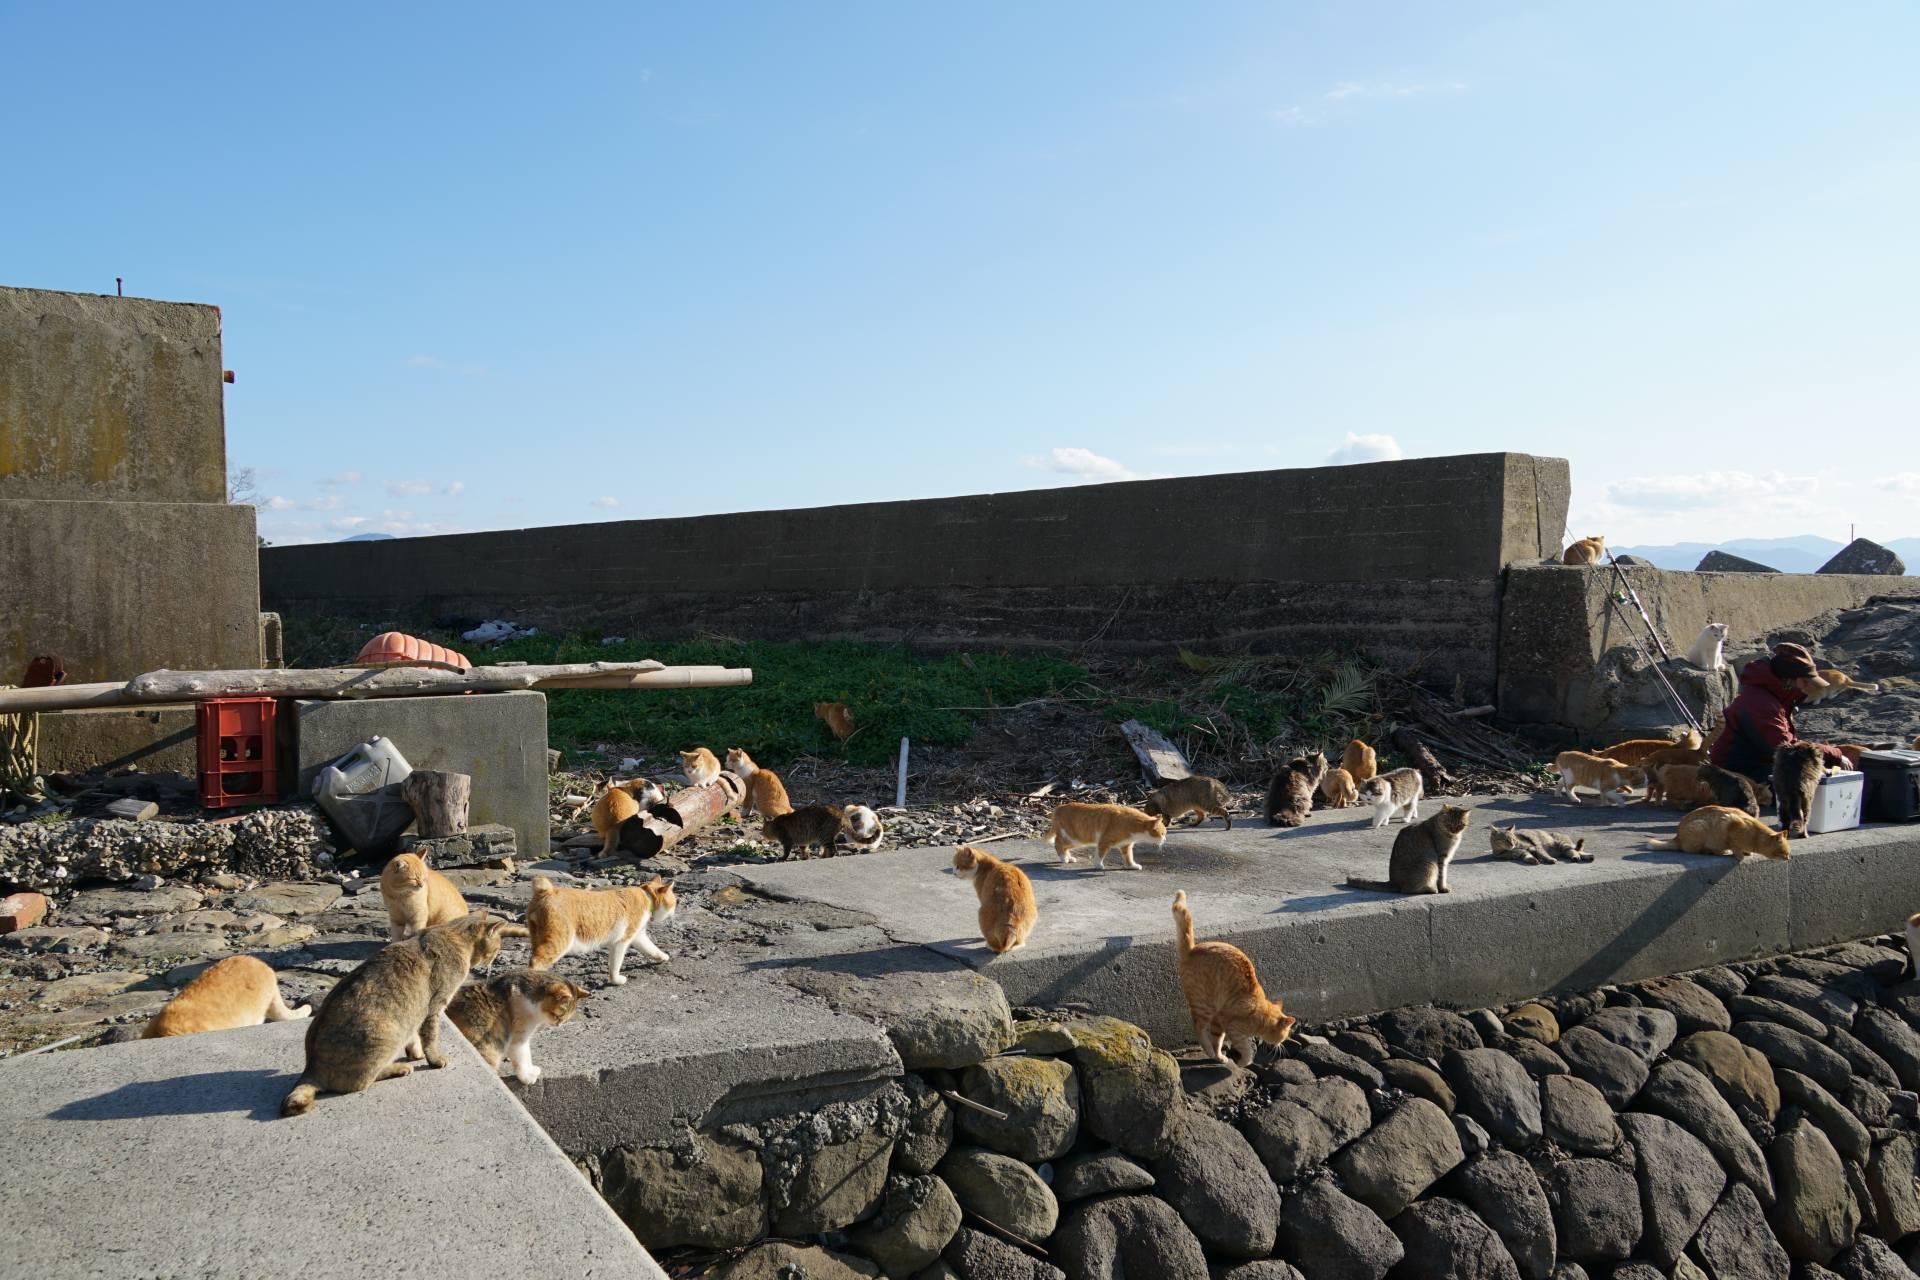 青島港口許多貓咪來迎接旅客